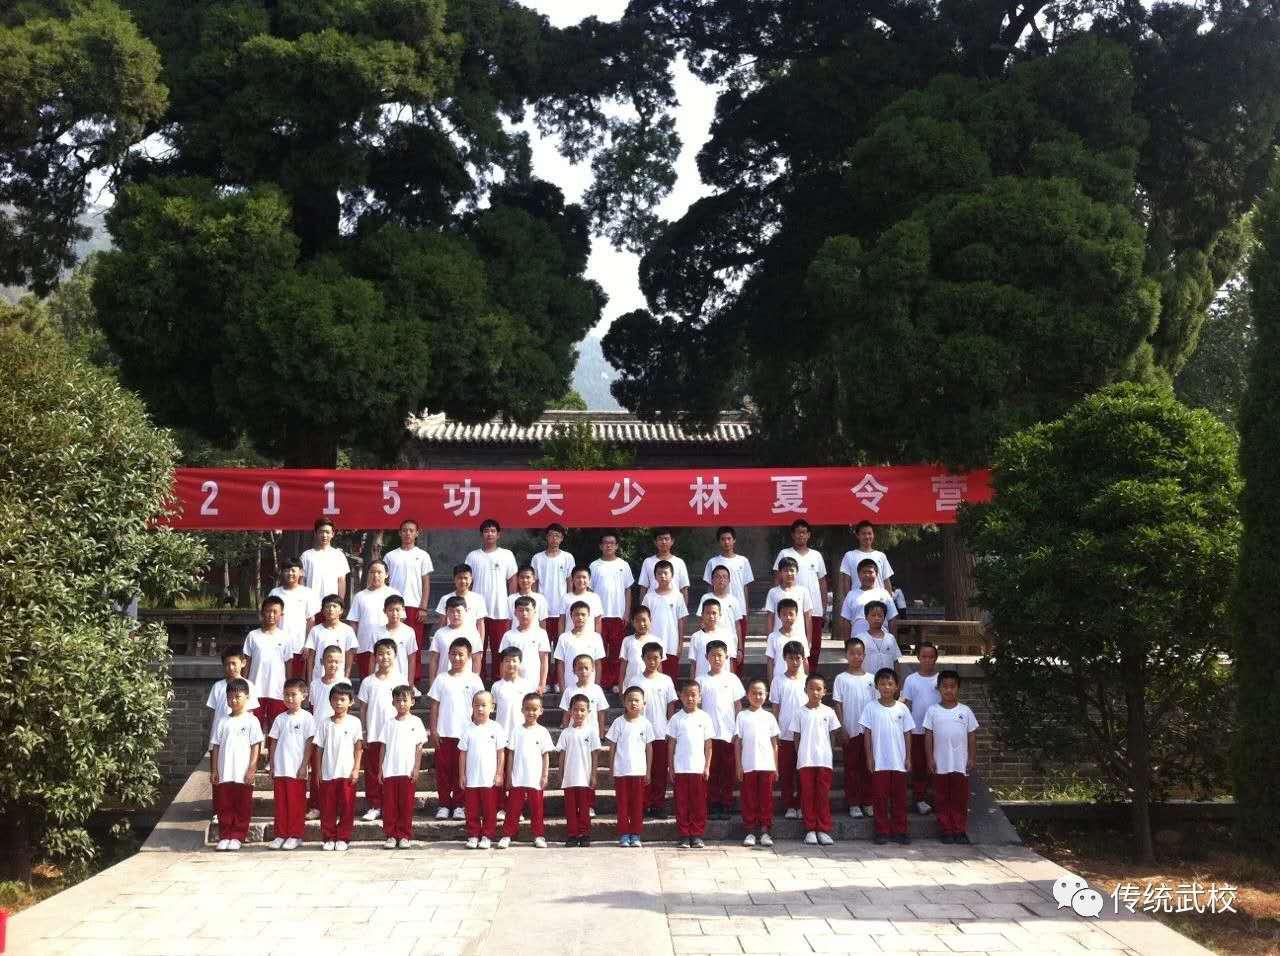 嵩山少林寺武术学校的女学员获得的荣誉